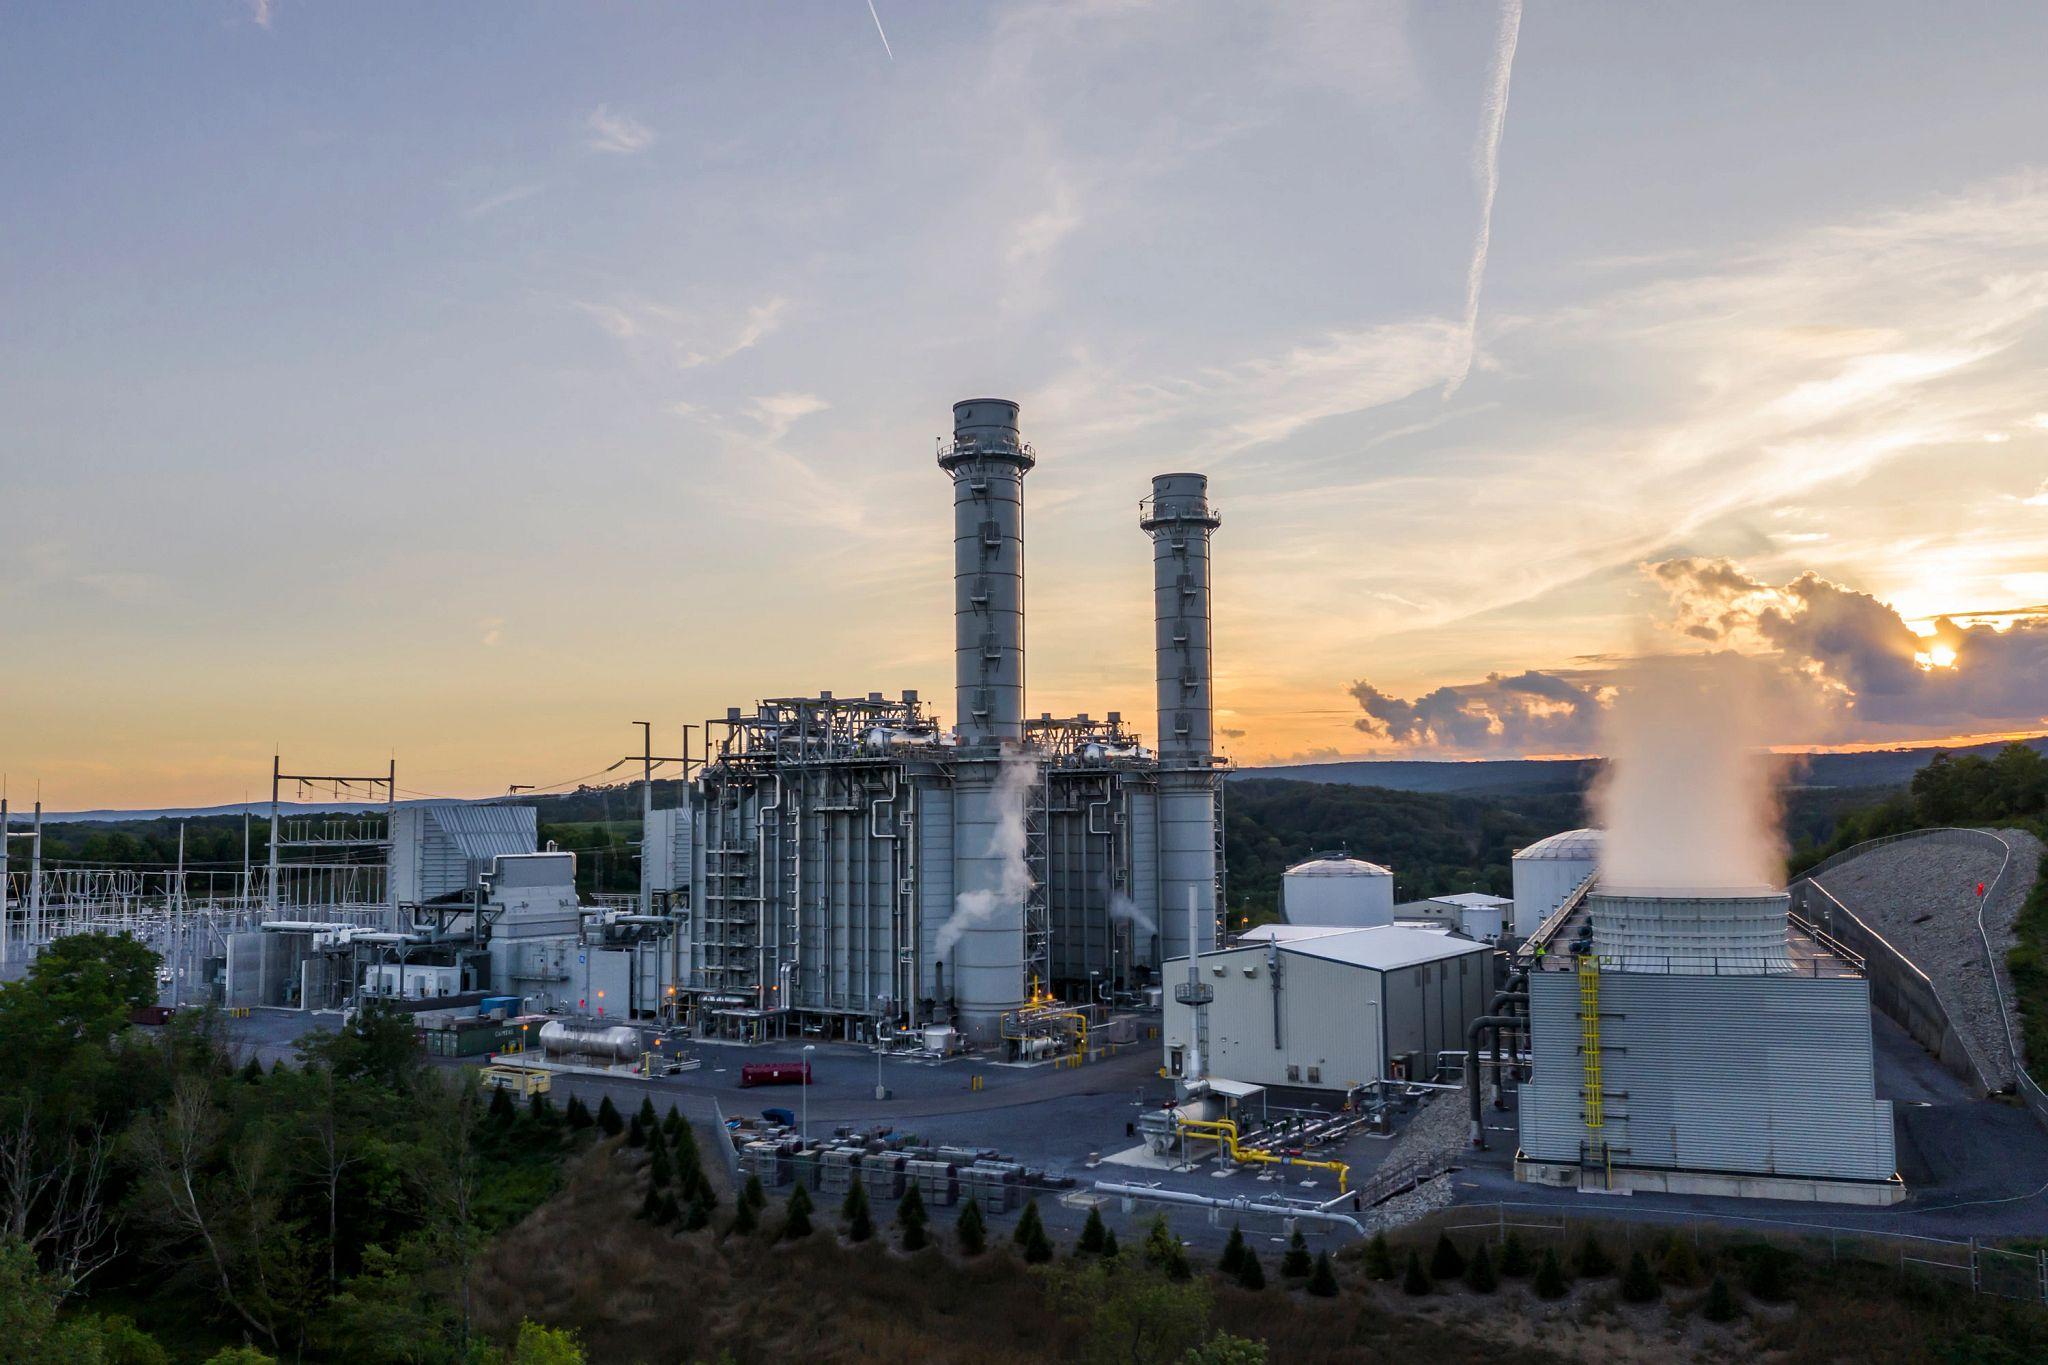 Fairview Energy Center